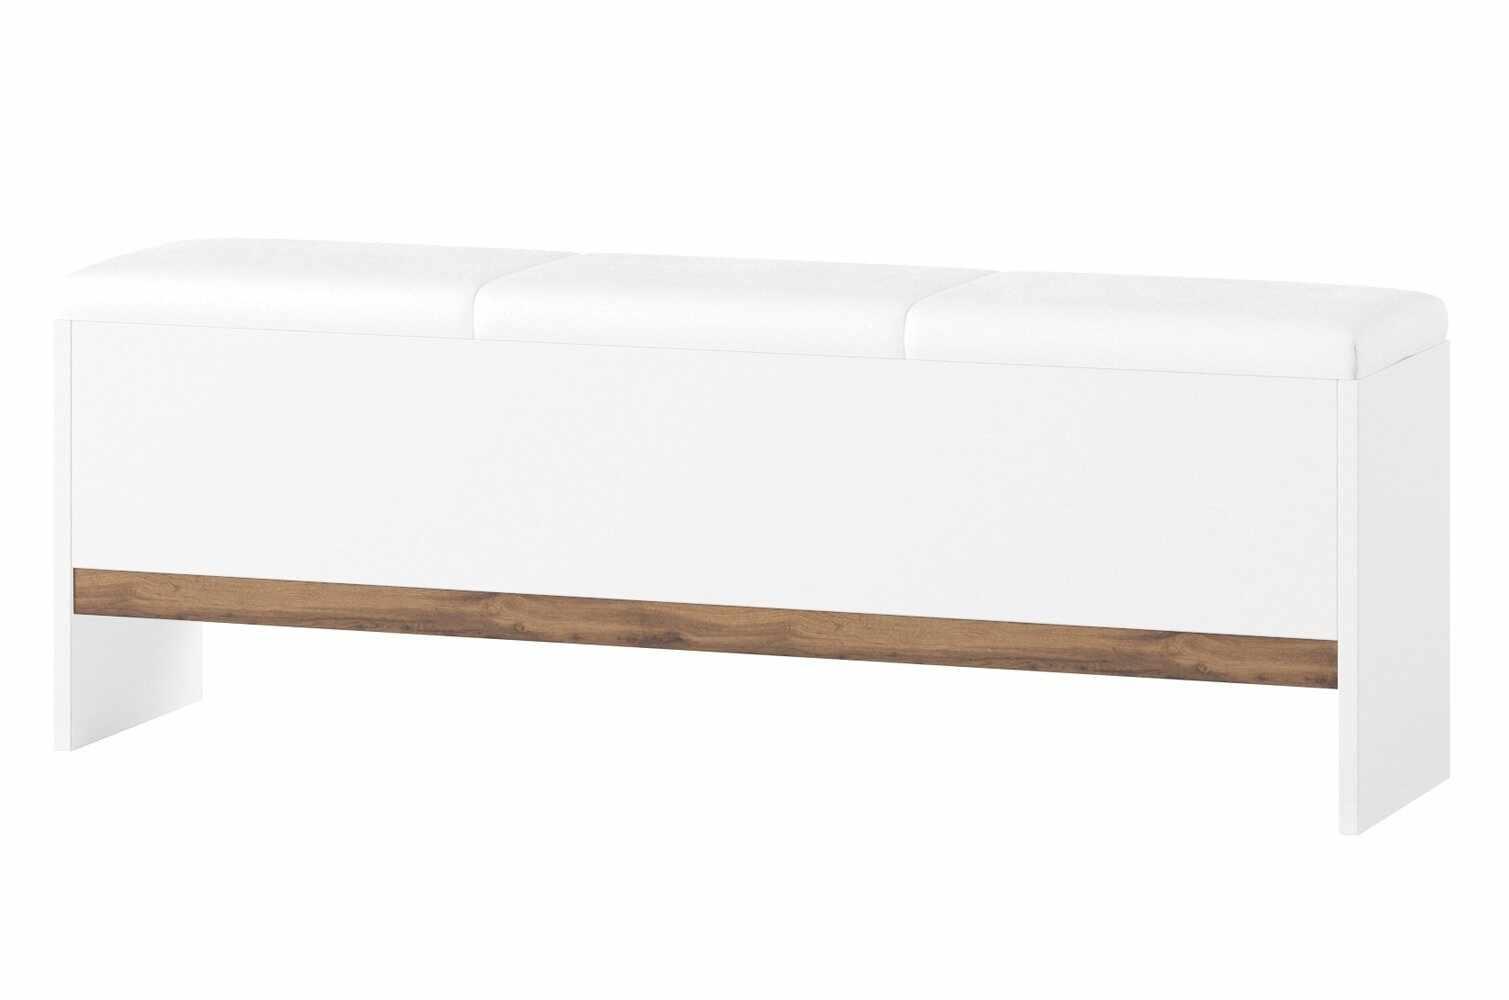 Banca tapitata cu piele ecologica Livorno 65 Oak / White, l165xA35xH53 cm la pret 1081 lei